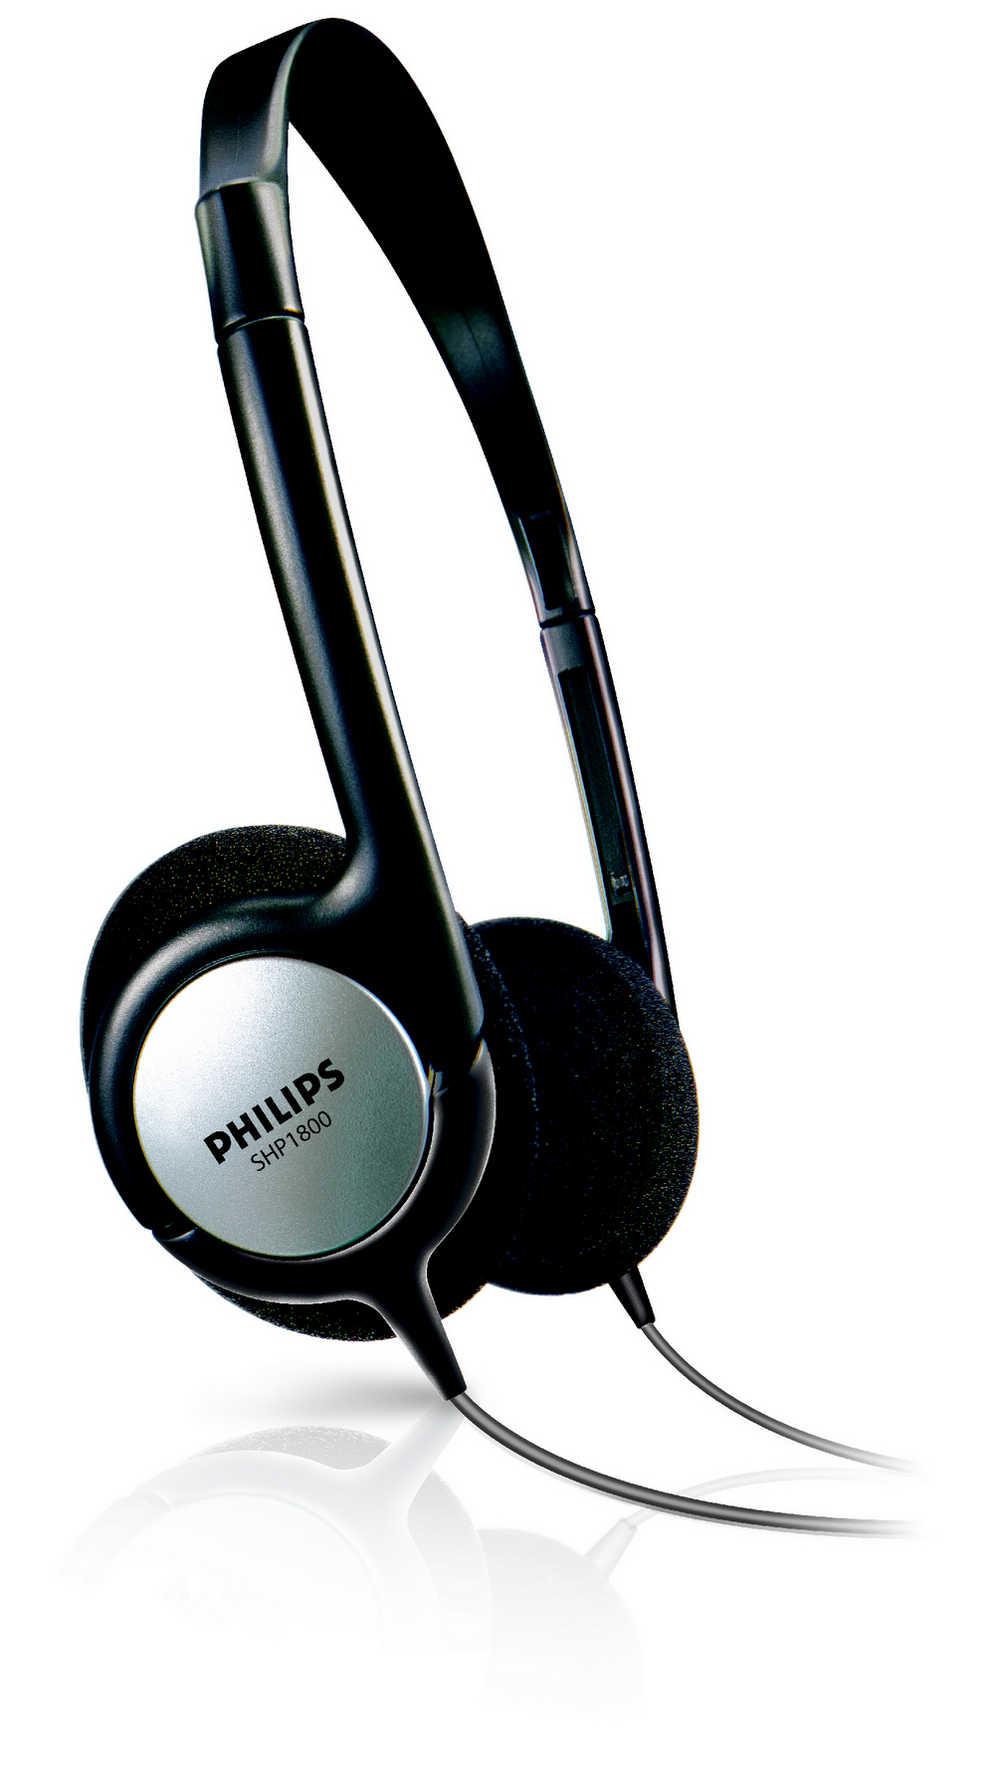 Ακουστικά Stereo TV Philips SHP1800 3.5 mm Μαύρα με Αντάπτορα 6.3 mm και Καλώδιο 6 m για Συσκευές Ήχου